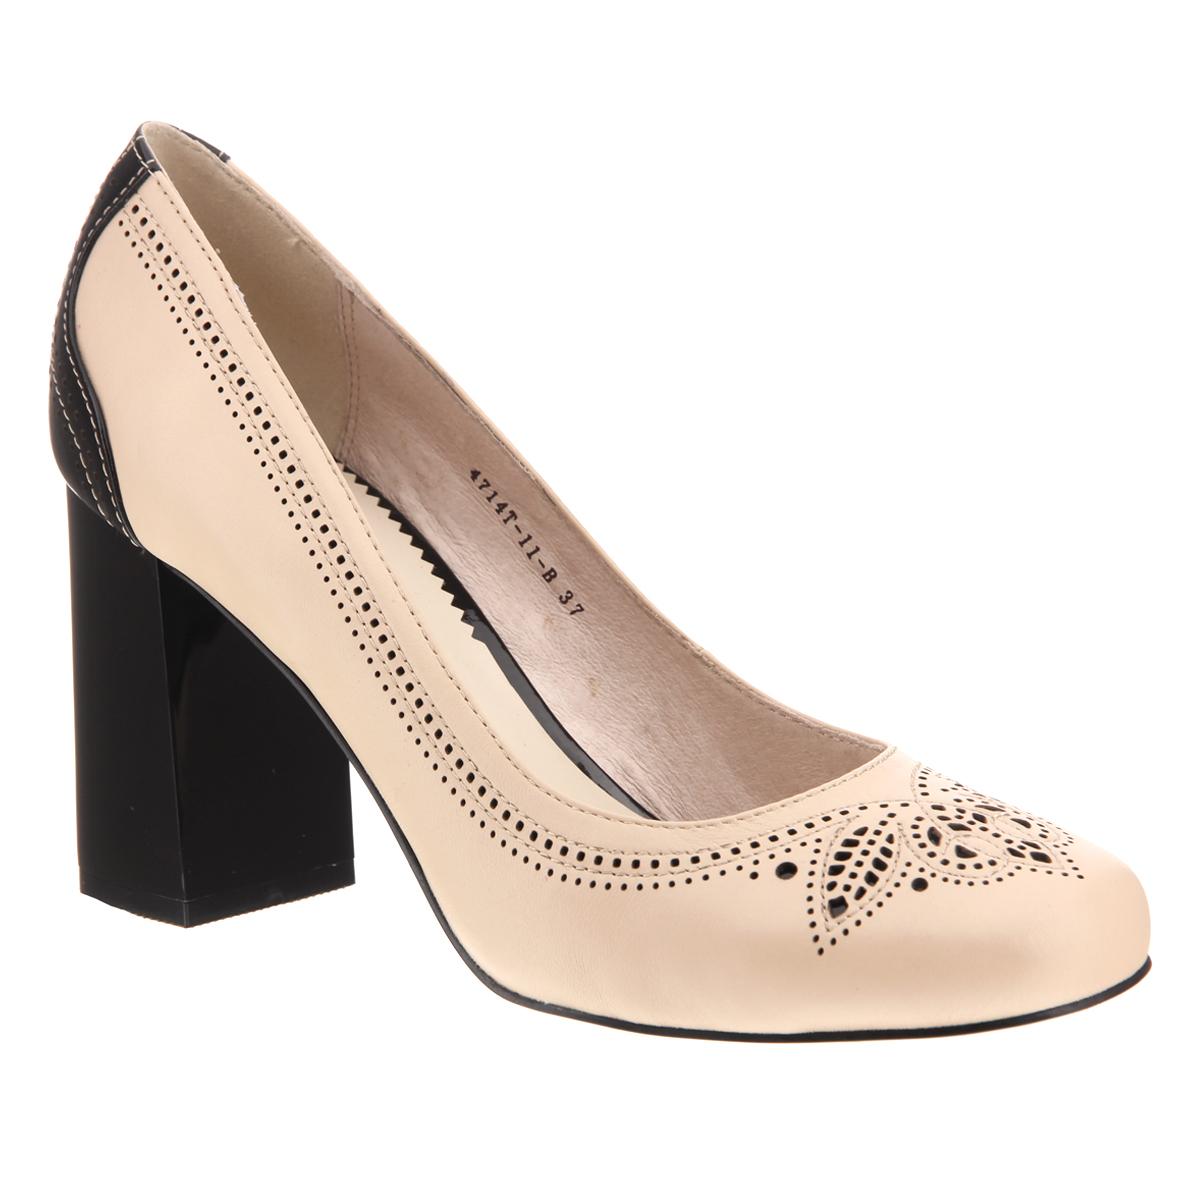 4714T-11-BЭлегантные женские туфли на каблуке от Lisette прекрасно подчеркнут ваш стиль. Верх модели и внутренняя часть выполнены из натуральной кожи. Пяточная часть контрастного цвета. Устойчивый каблук лакированный. Подошва выполнена из прочной резины с противоскользящим рифлением. Оформлена модель оригинальной перфорацией. Такие туфли станут прекрасным дополнением вашего гардероба. Они сделают вас ярче и подчеркнут вашу индивидуальность.